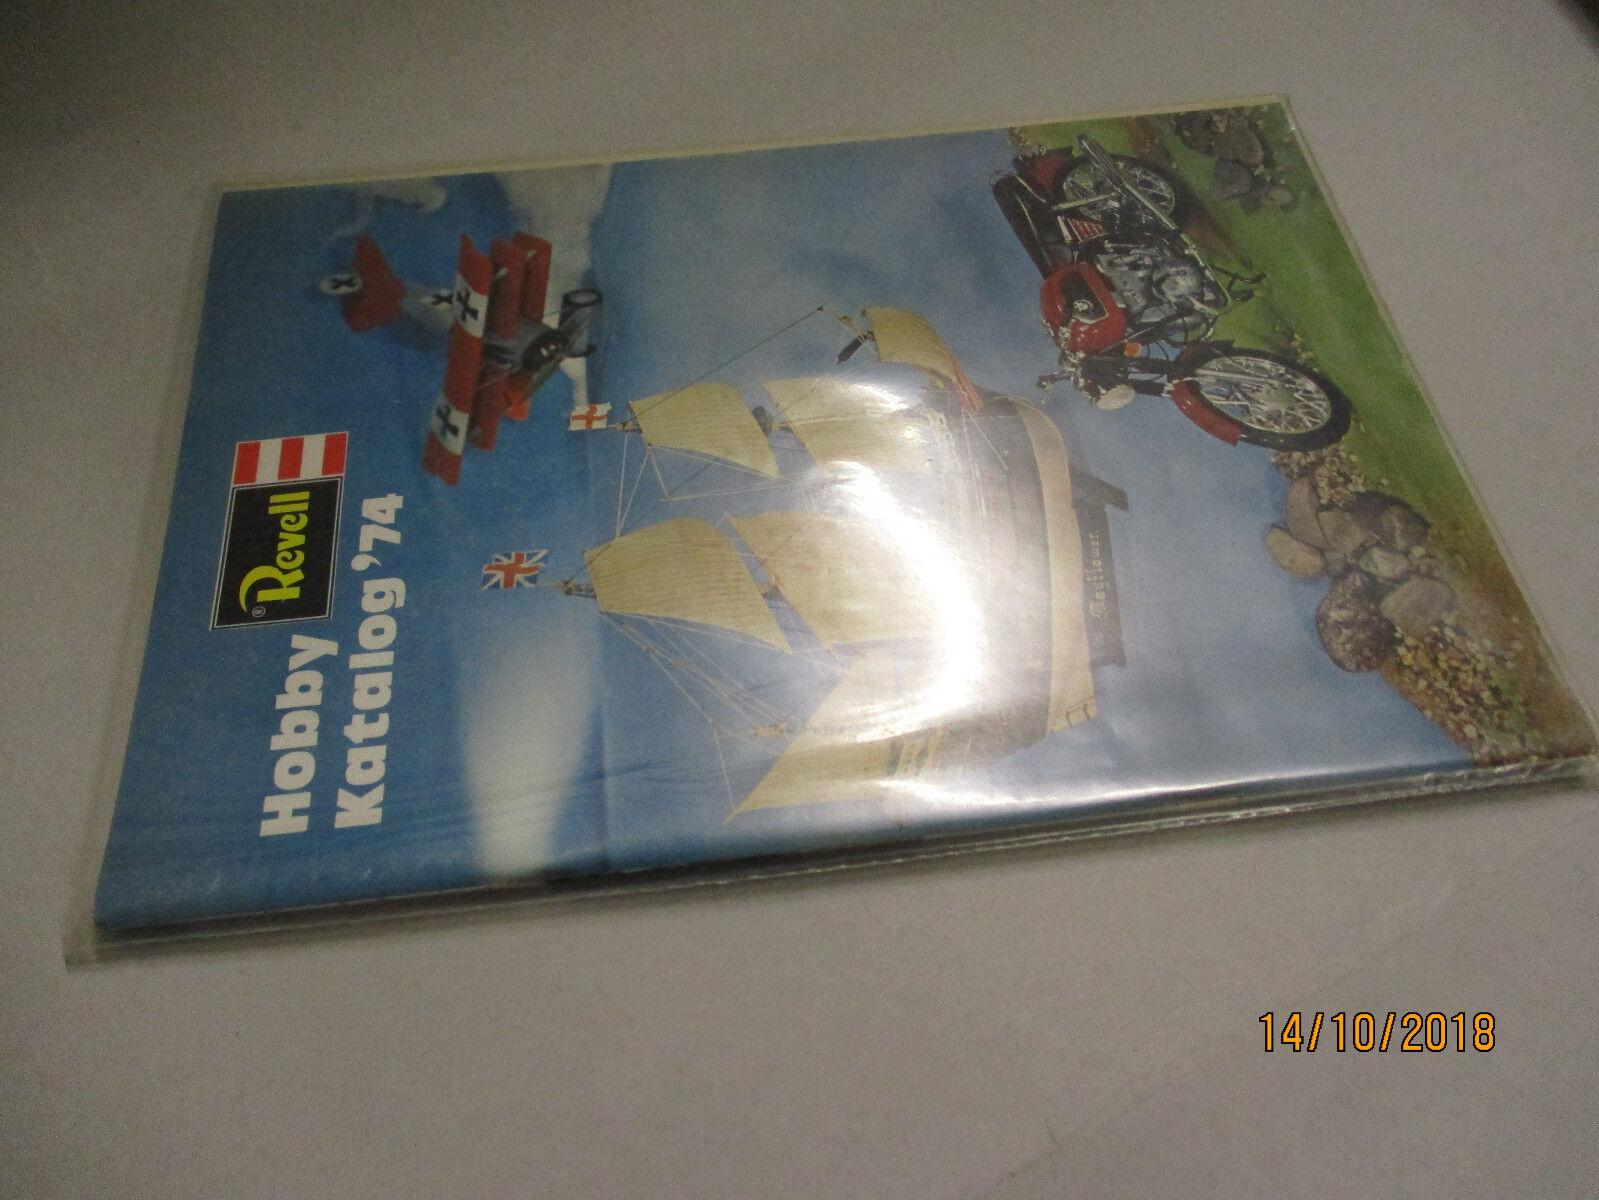 Revell Modèle Kits catalogue 1974 avec liste  de prix 2 74  magasin en ligne